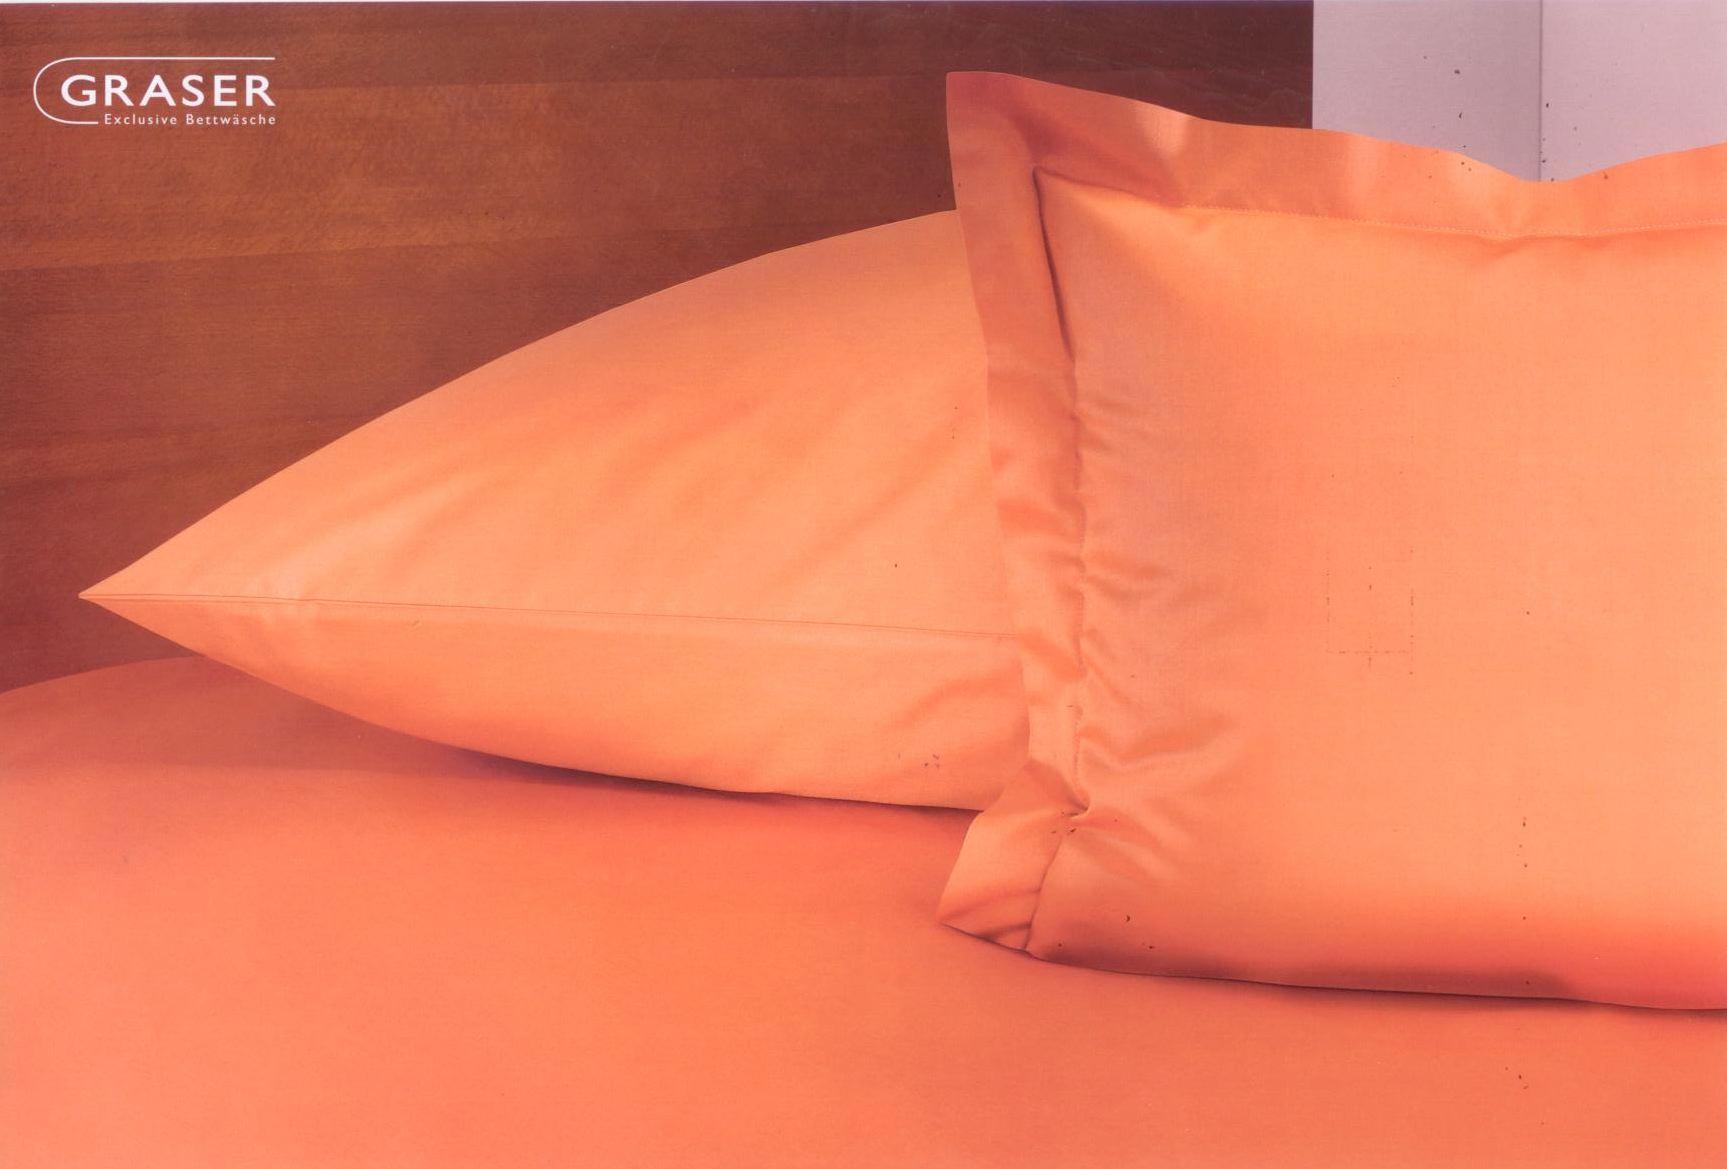 uni graser satin bettw sche von graser. Black Bedroom Furniture Sets. Home Design Ideas